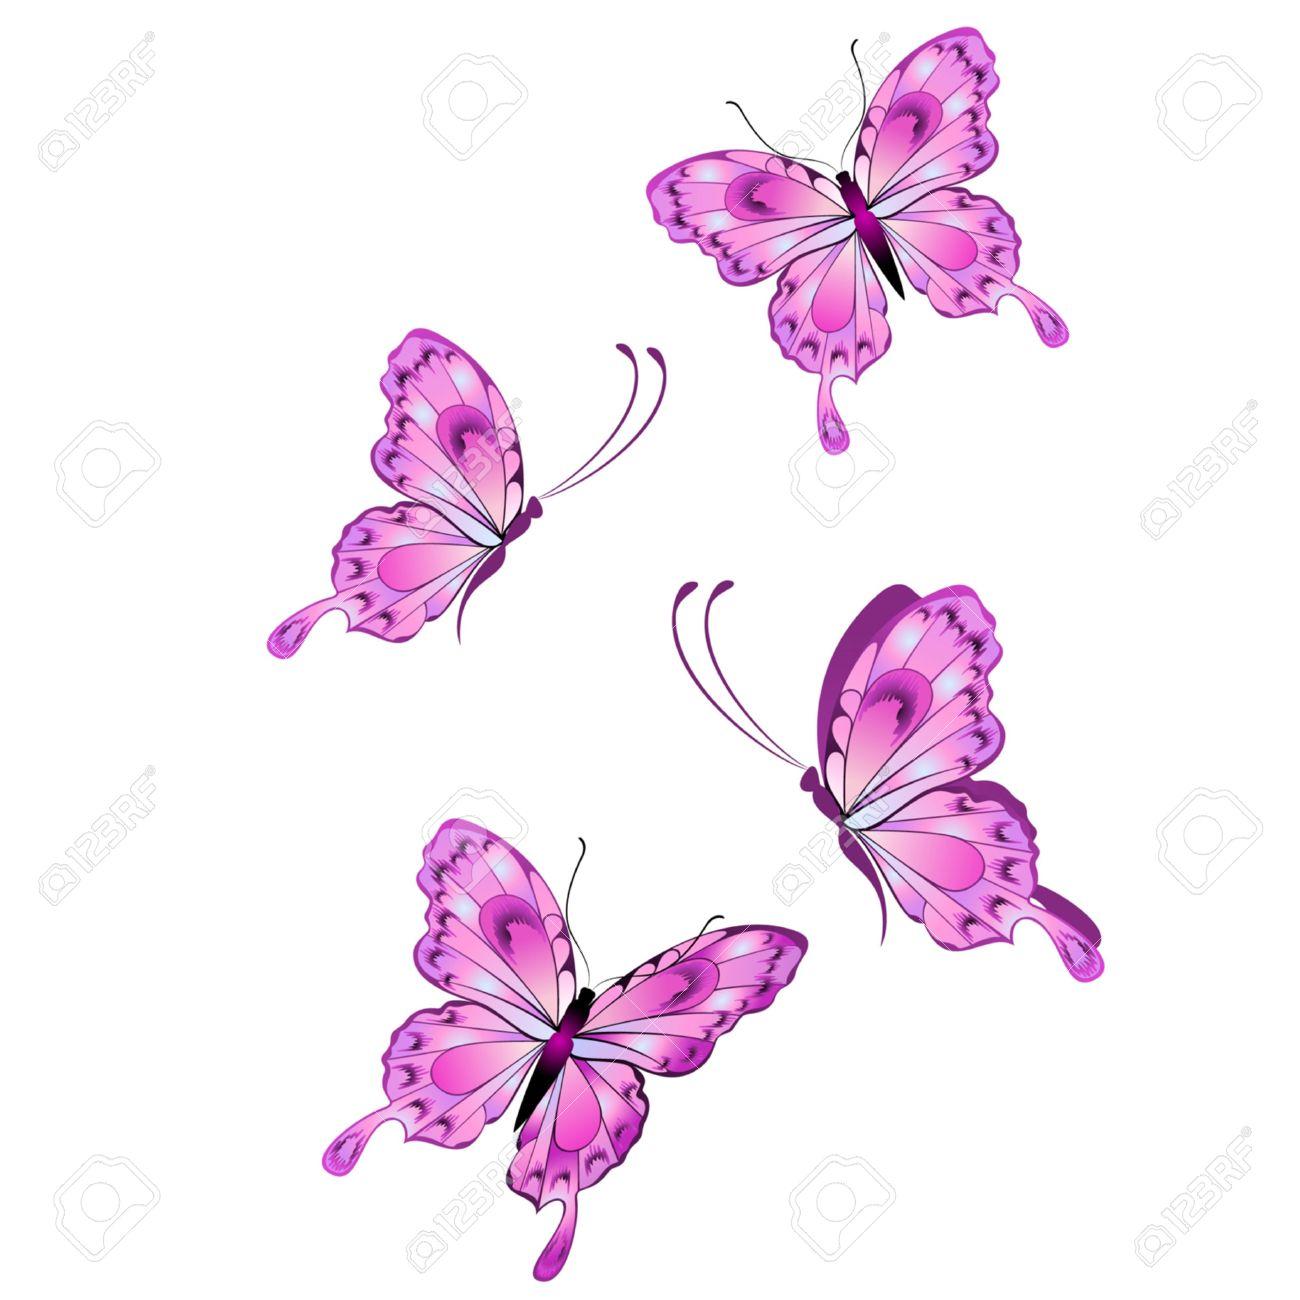 purple butterfly clipart.